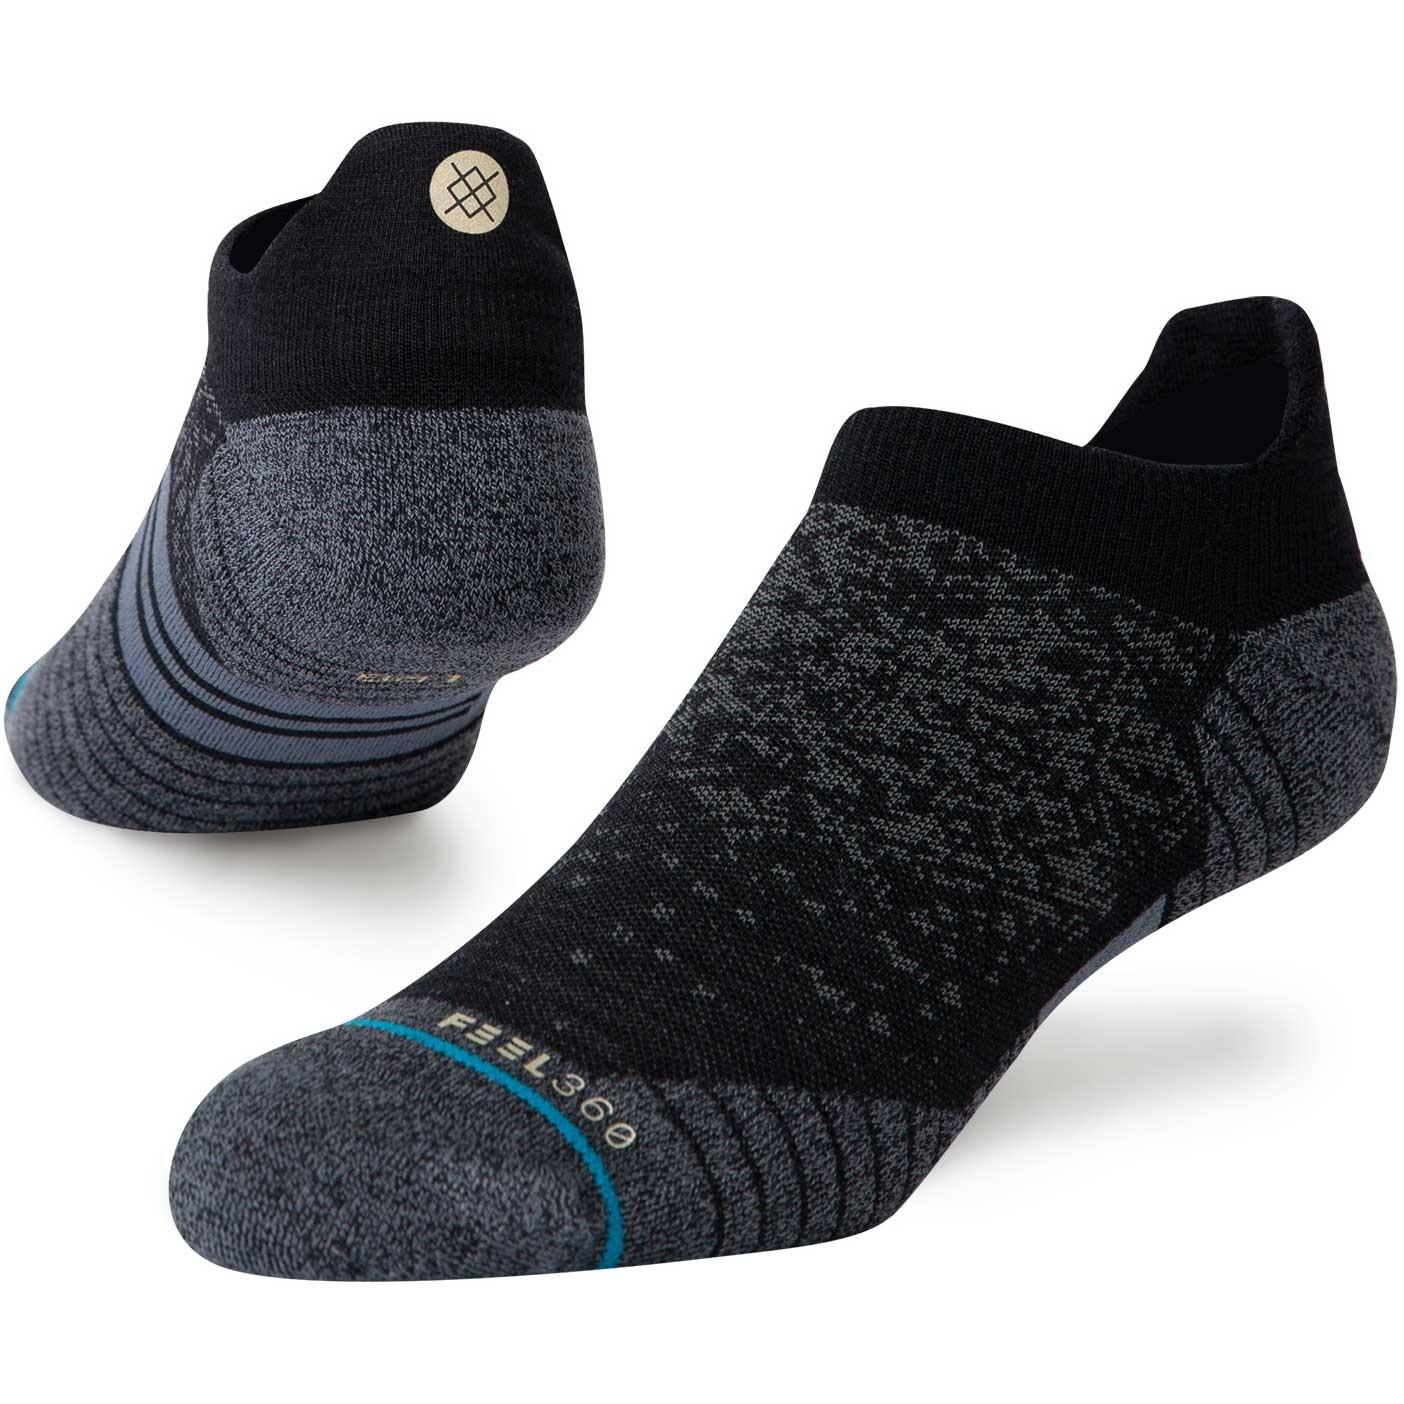 Stance Run Wool Tab Socks - Black